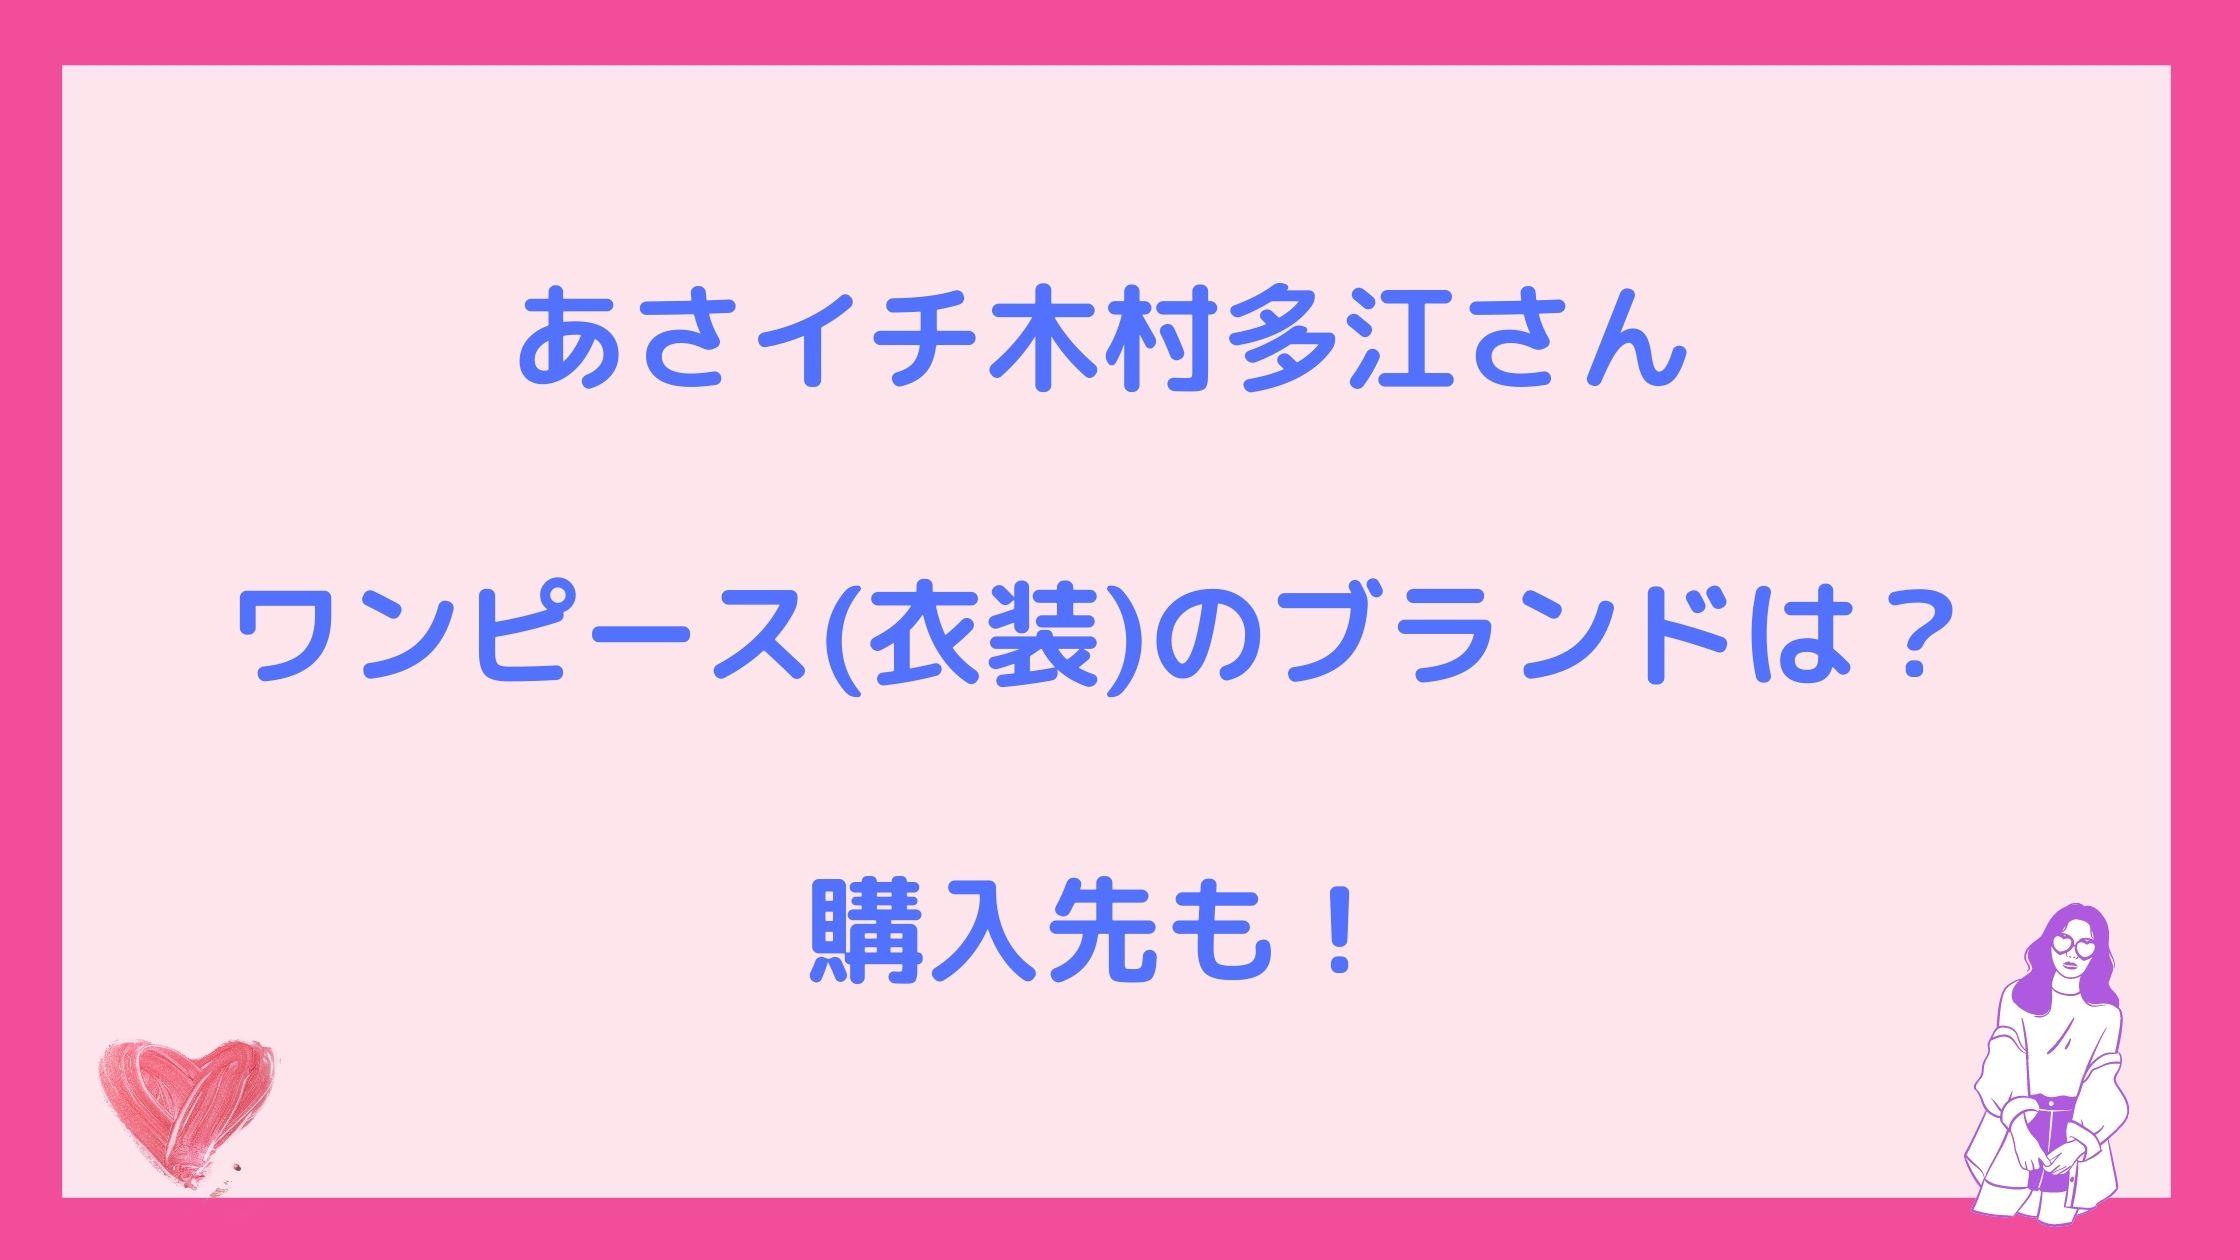 あさイチ木村多江さんワンピース(衣装)のブランドは?購入先も!